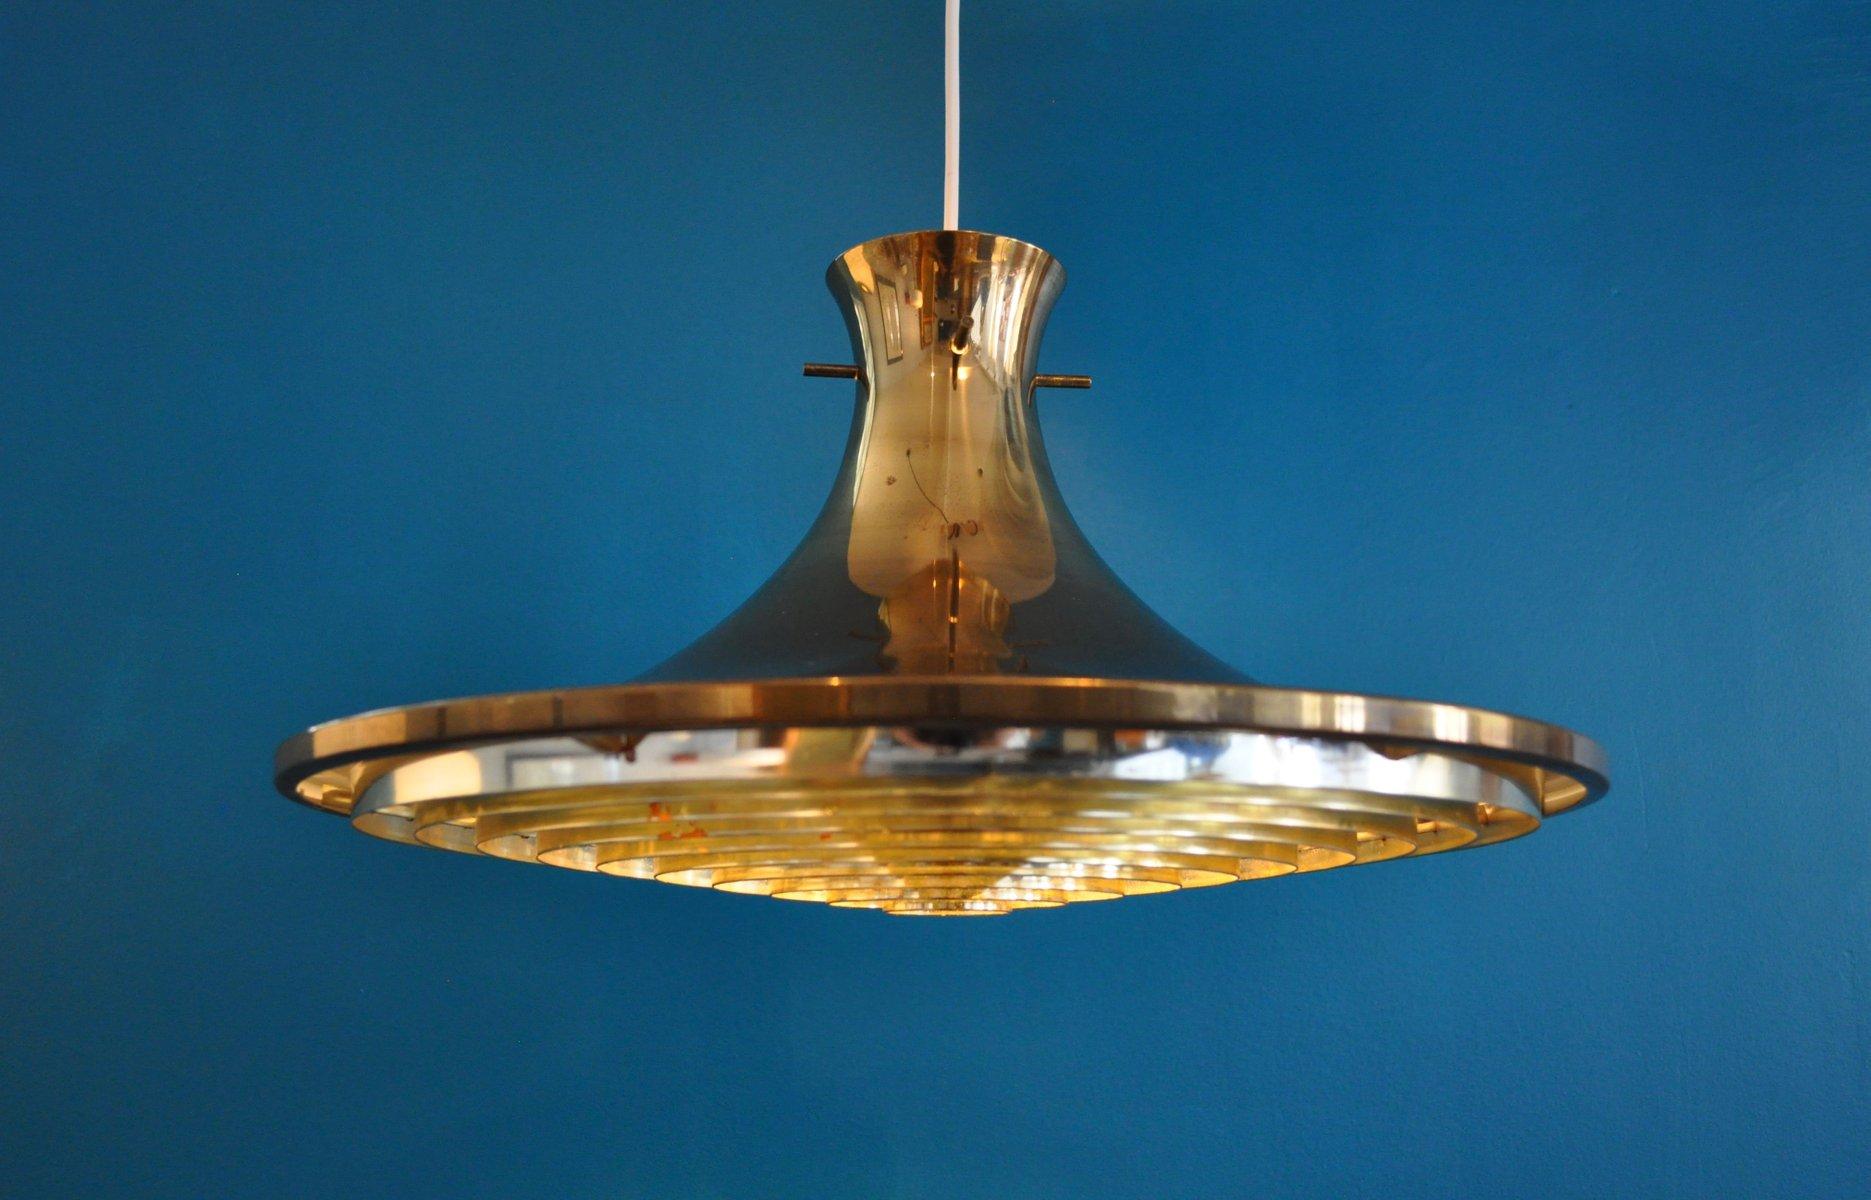 Lampe ikea qui s ouvre luminaire etoile ikea applique murale src